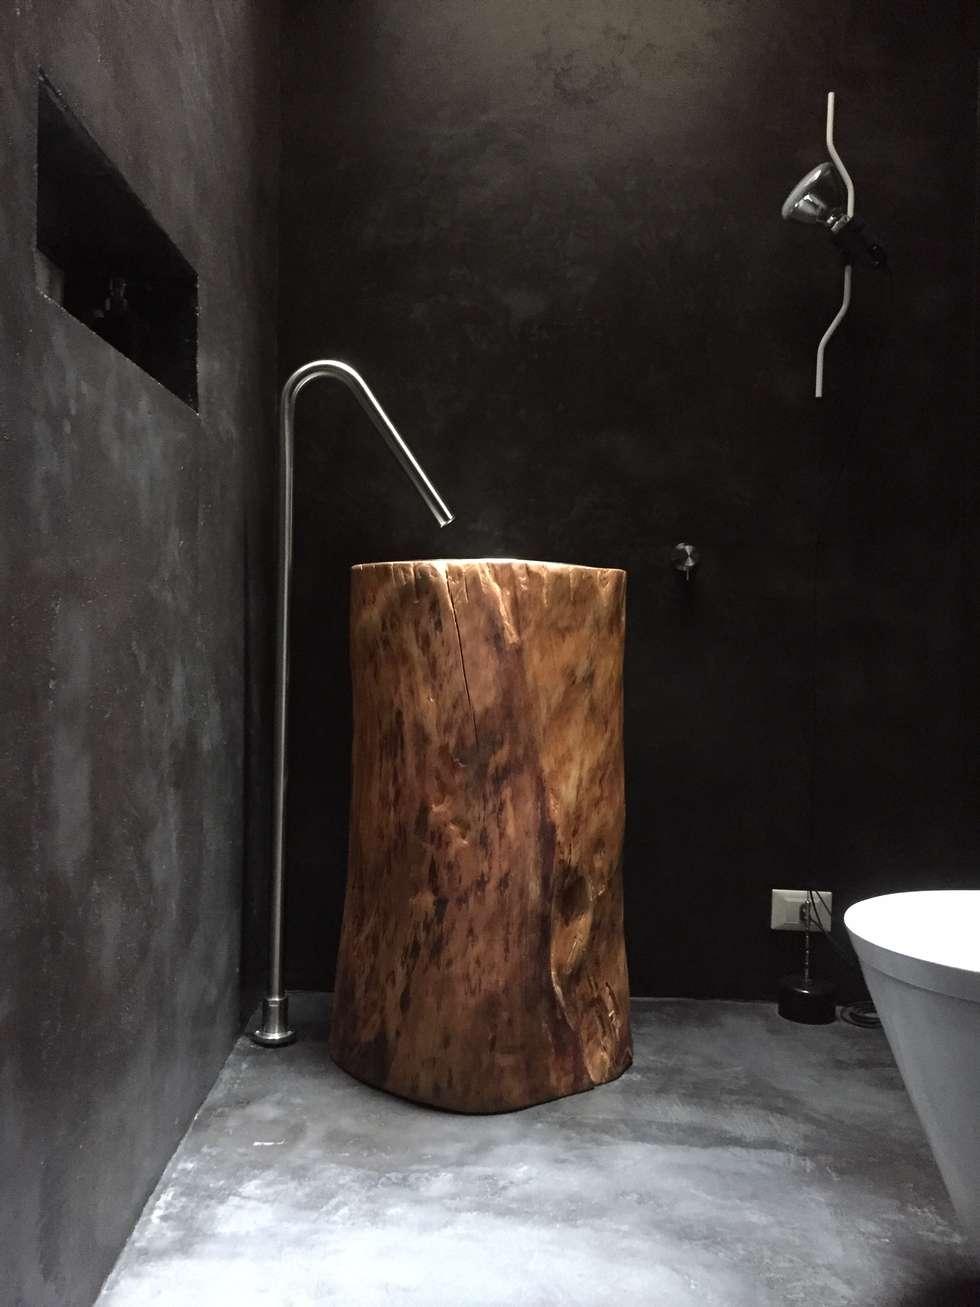 Rifacimento del Bagno per gli ospiti in una casa privata a Roma : Bagno in stile in stile Industriale di USER WAS DELETED!